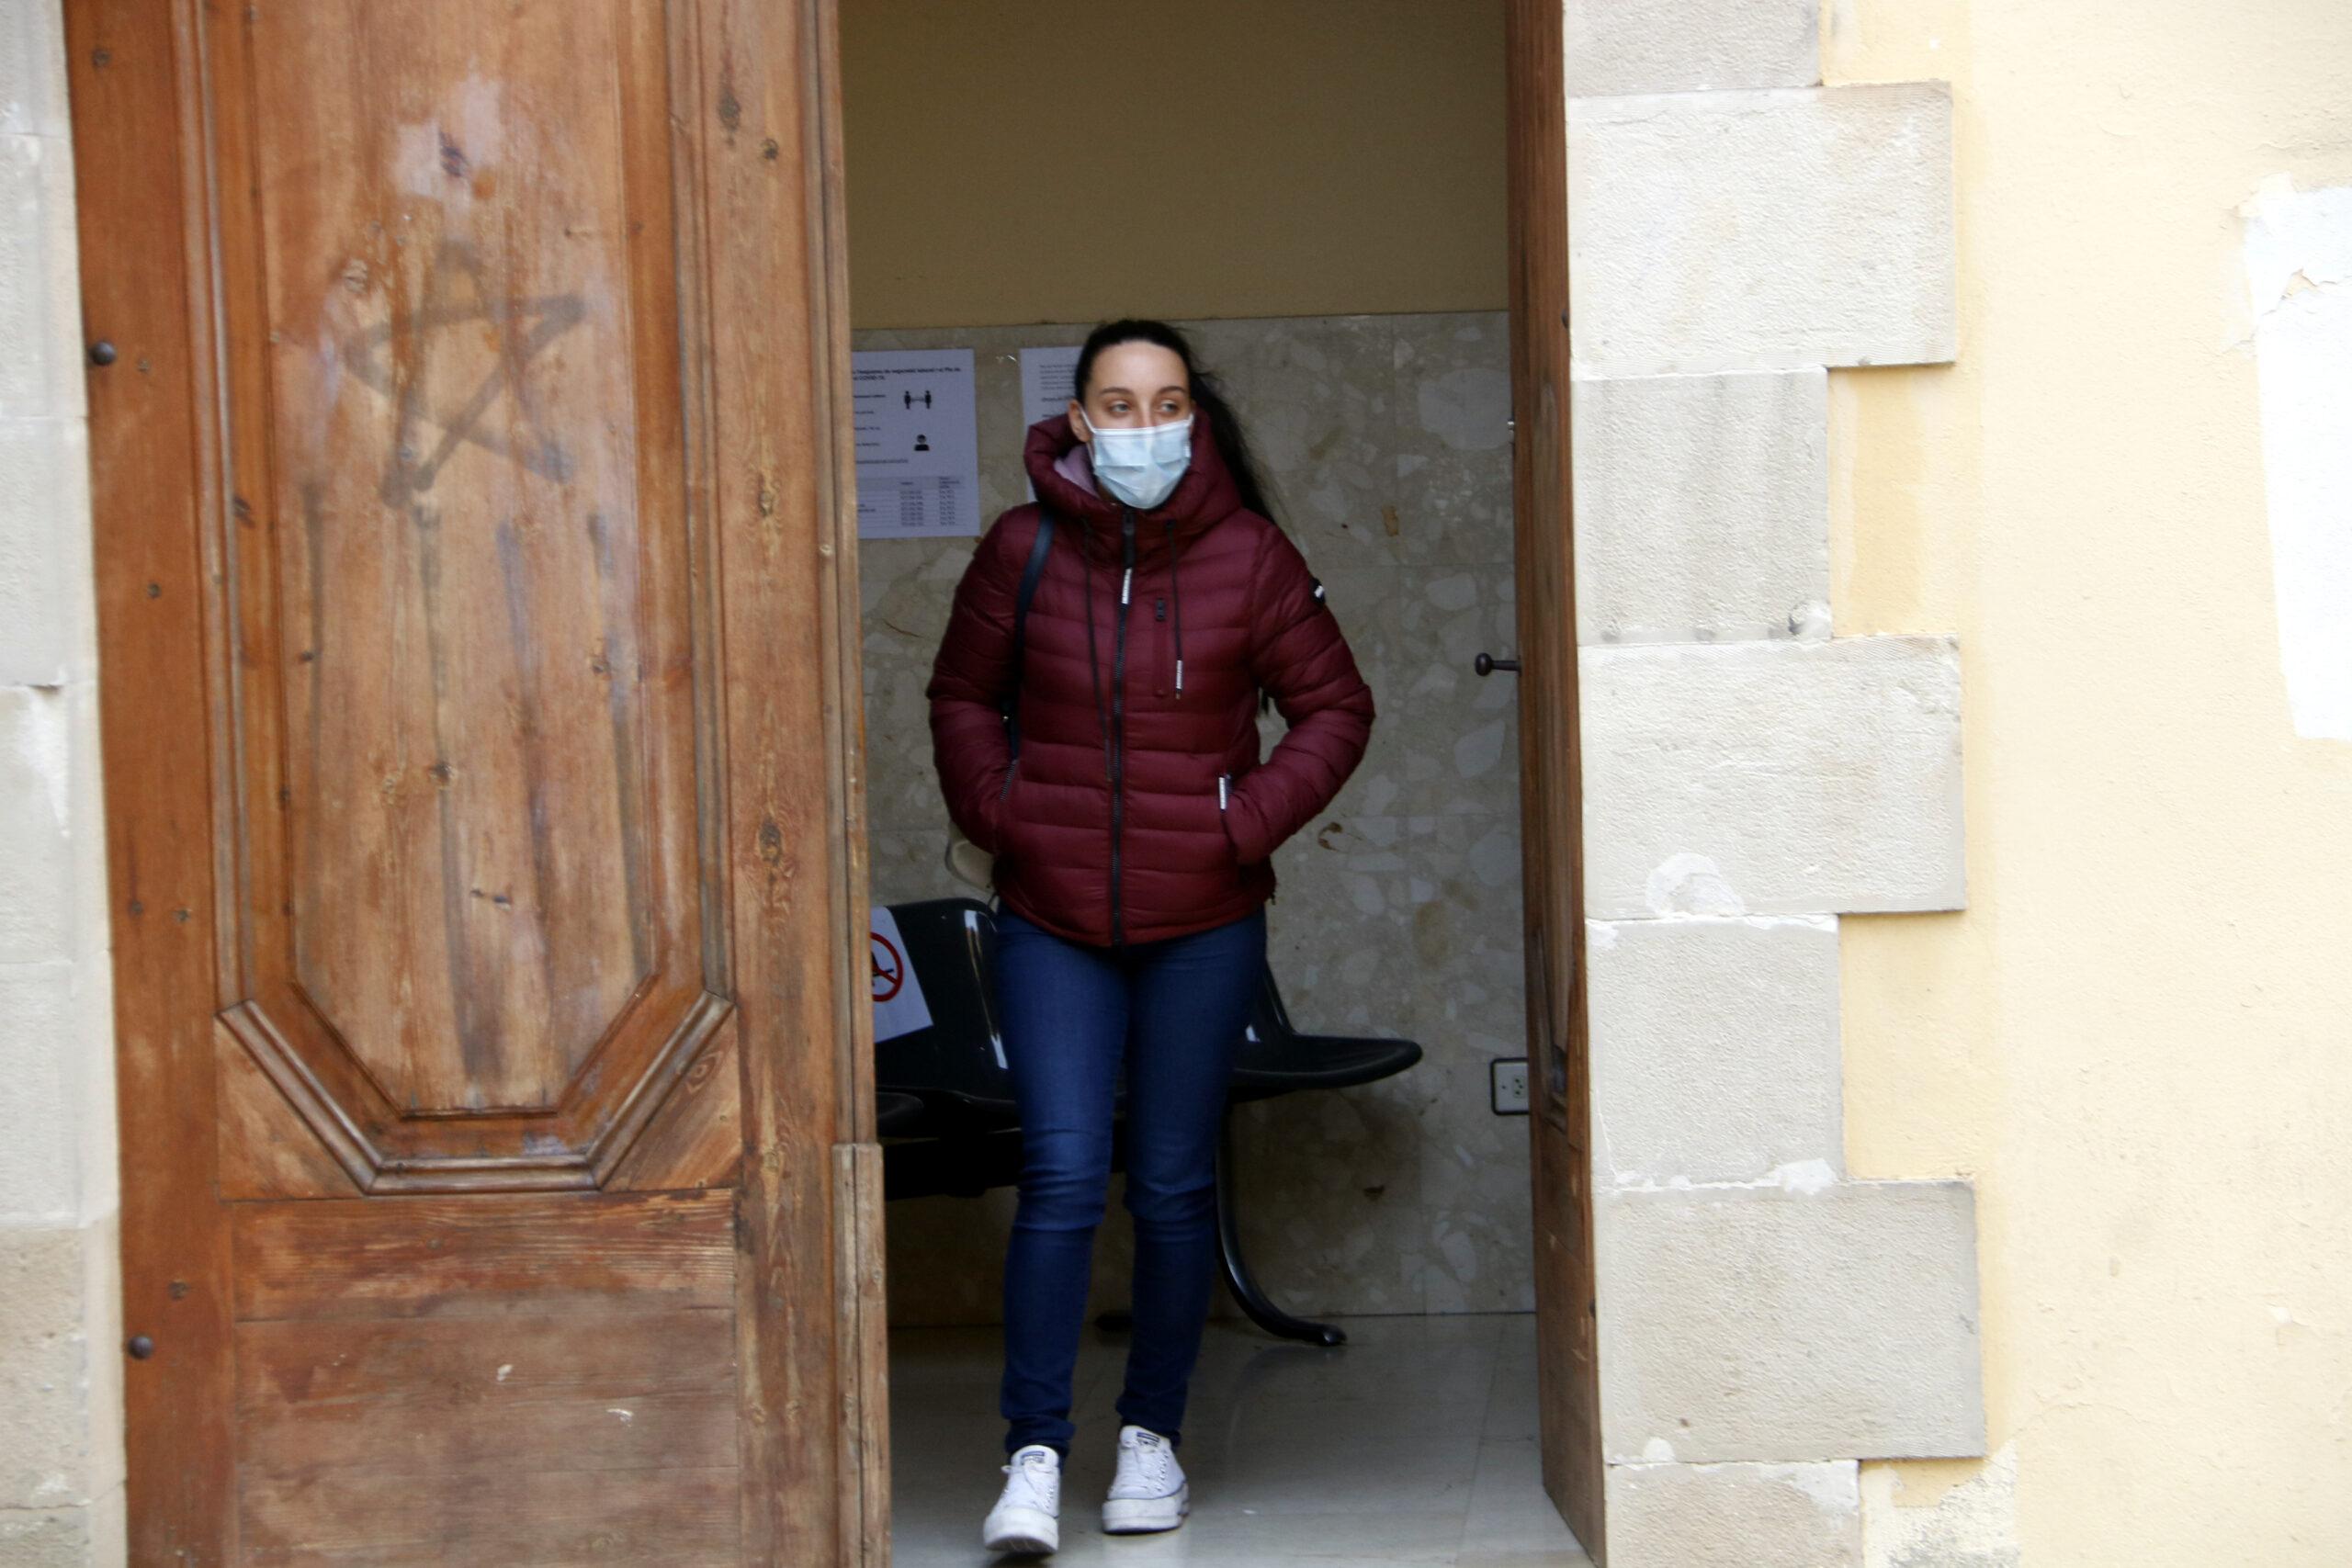 La mare del nadó d'un mes mort a Tàrrega, sortint dels jutjats de Cervera després de declarar. Imatge del 12 de novembre de 2020. (ACN)